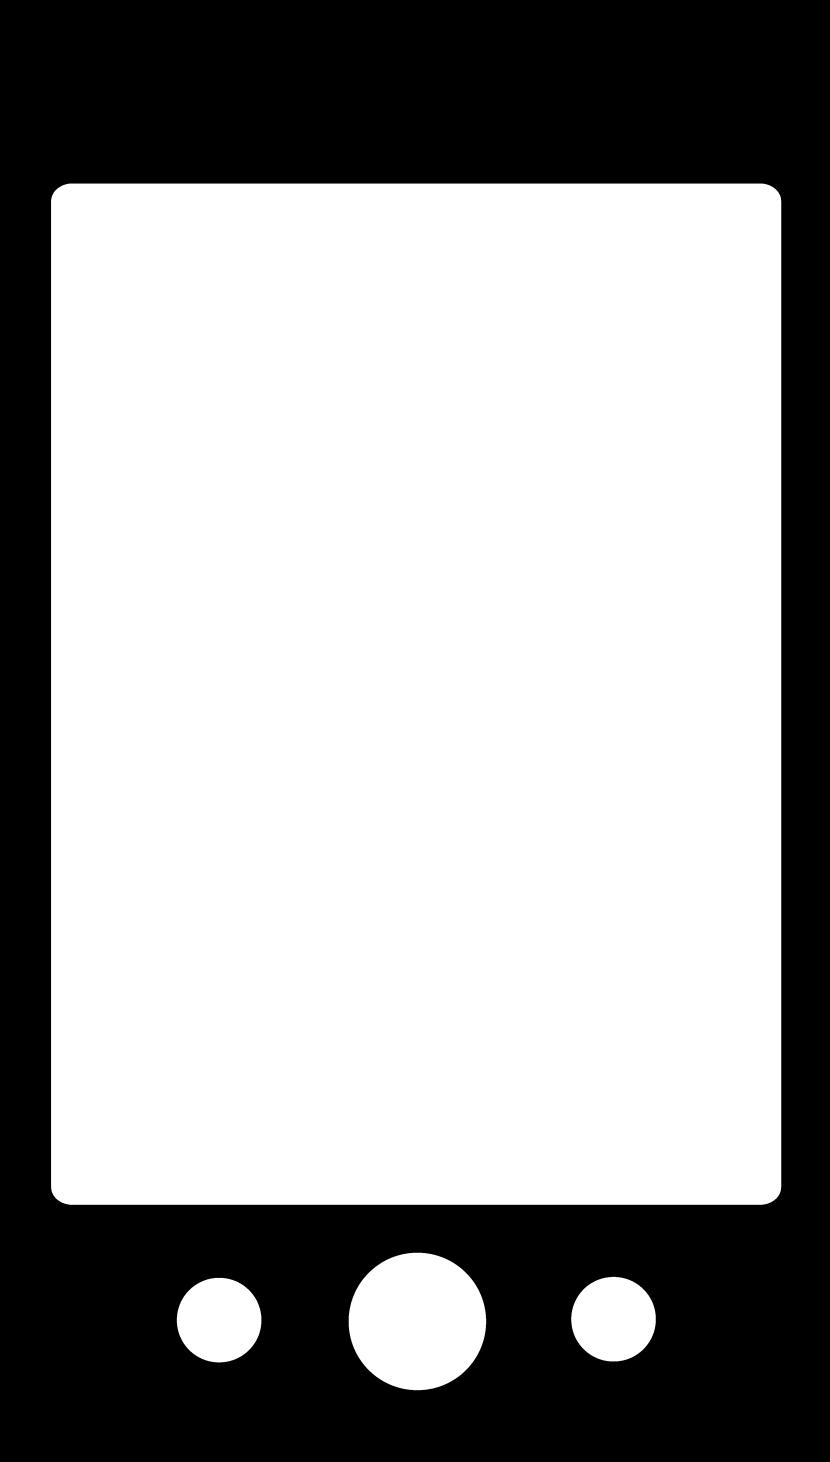 Cell Phone Clipart u0026amp; Cell Phone -Cell Phone Clipart u0026amp; Cell Phone Clip Art Images - ClipartALL clipartall.com-2